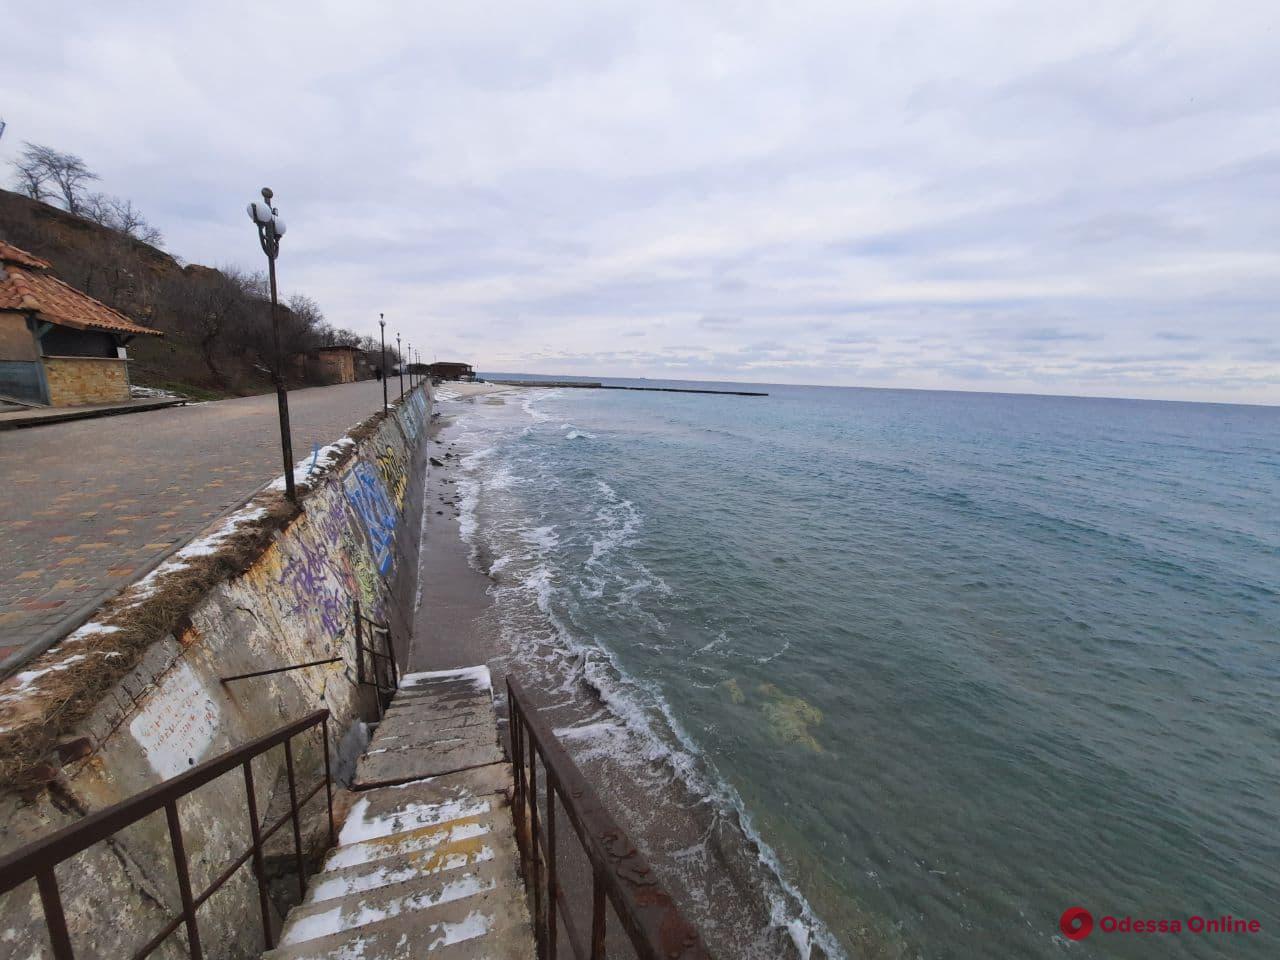 Одесса: шторм уничтожил пляж в районе 16-й станции Фонтана (фотофакт)